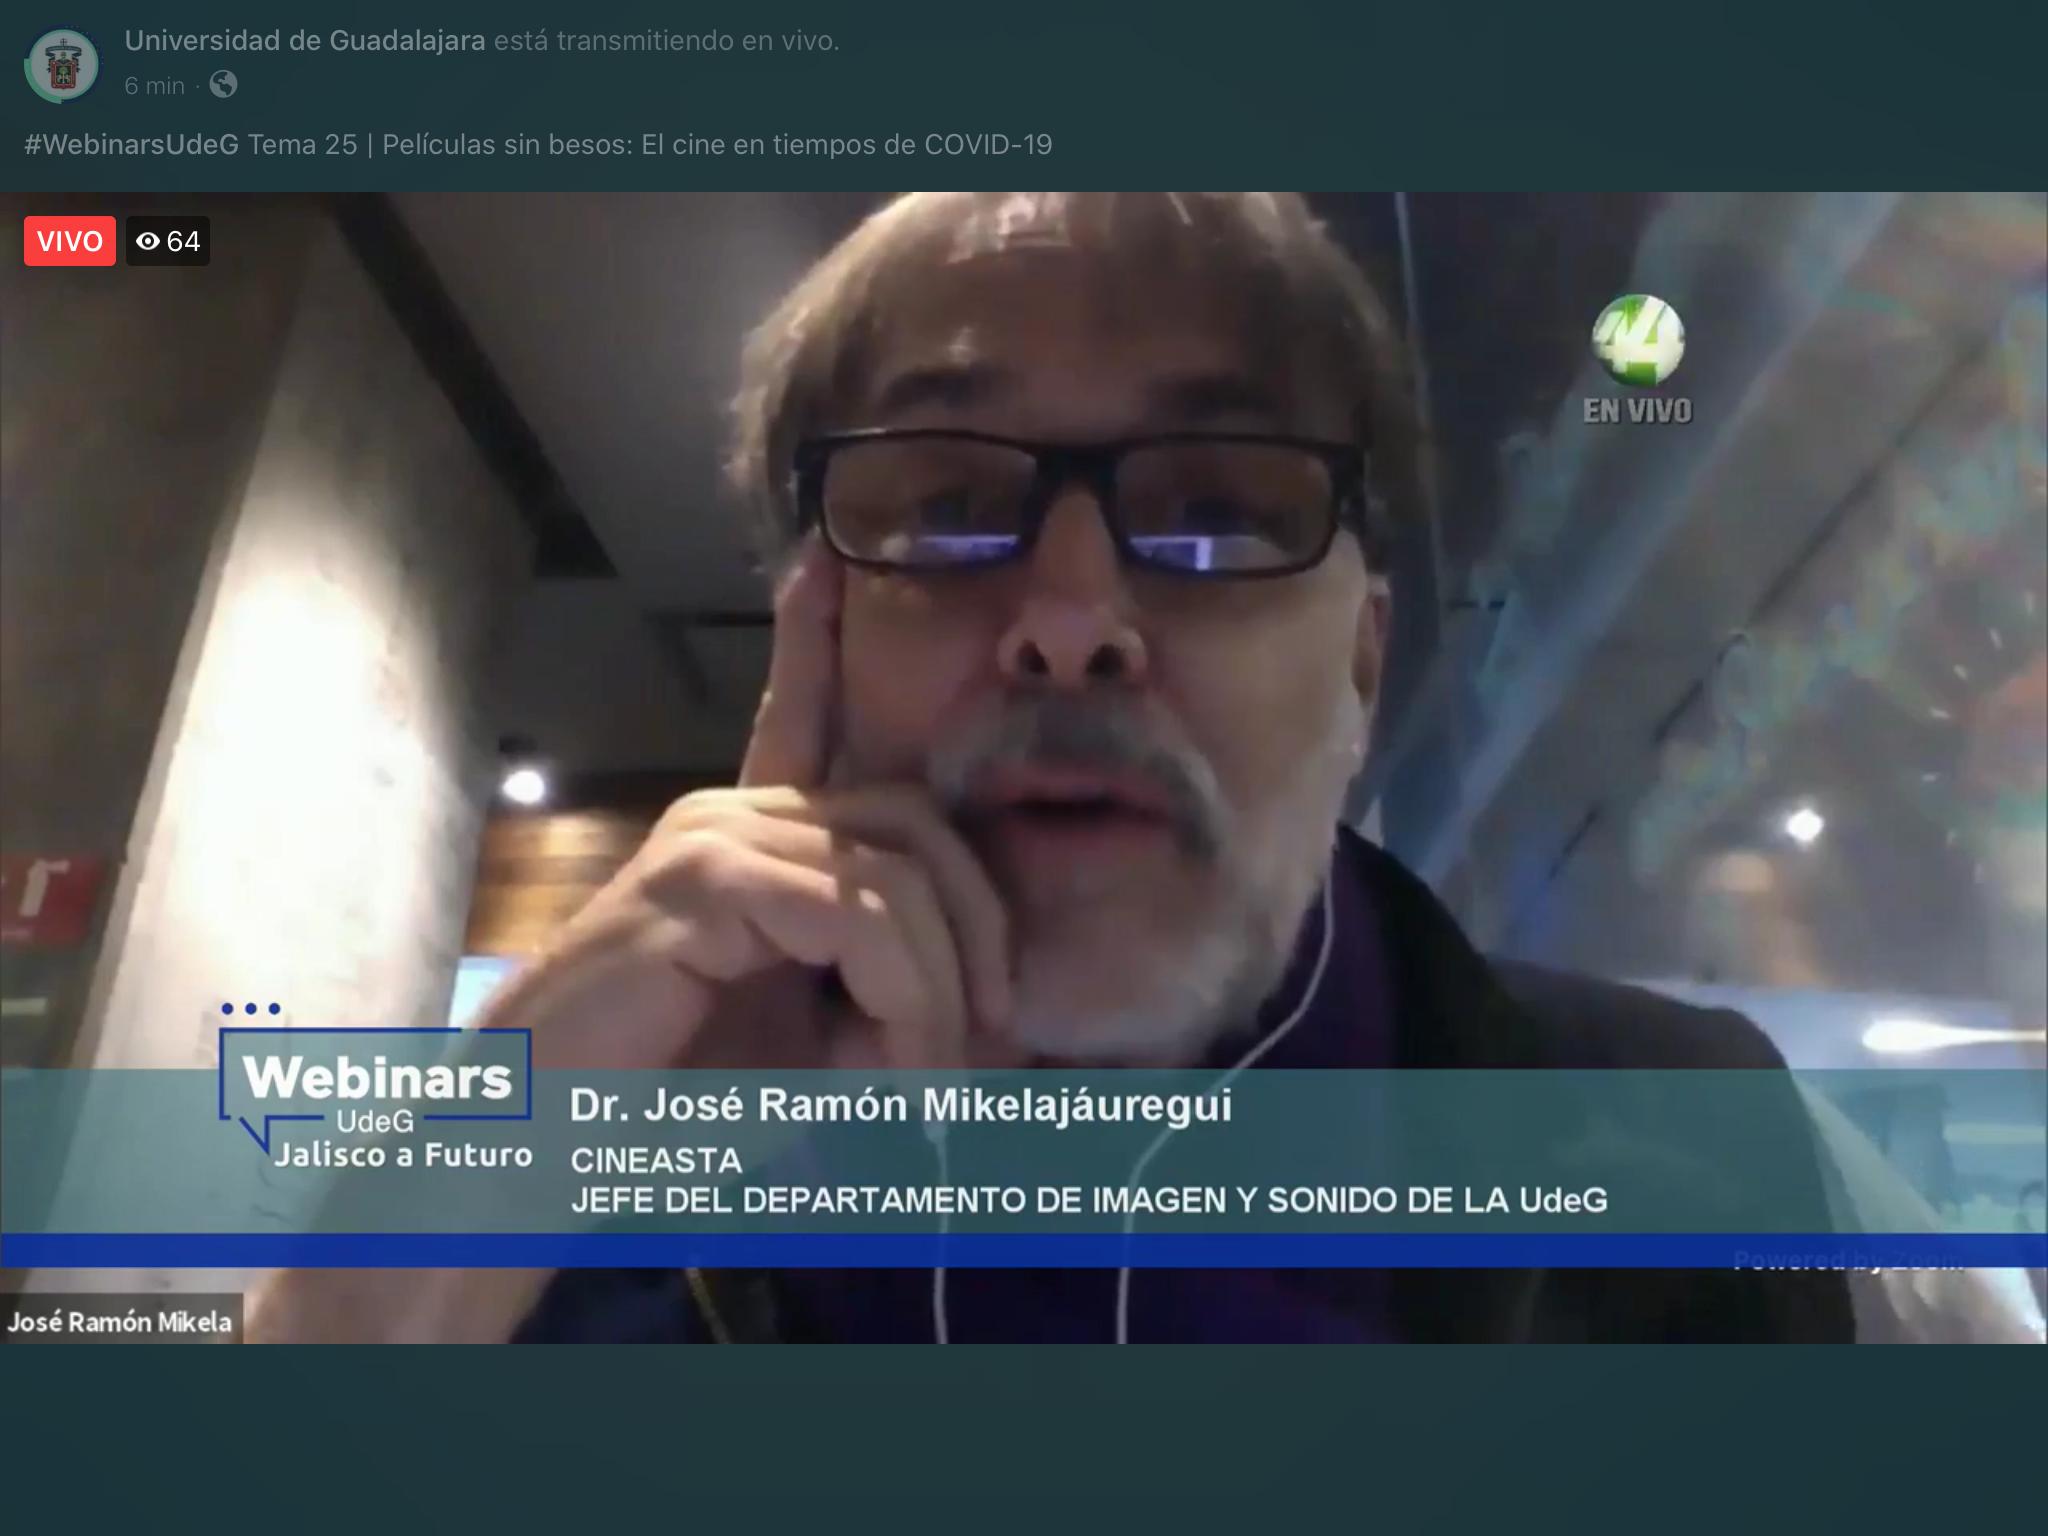 """UdeG y Jalisco a Futuro presentaron el webinar """"Películas sin besos: el cine en tiempos del COVID-19"""""""